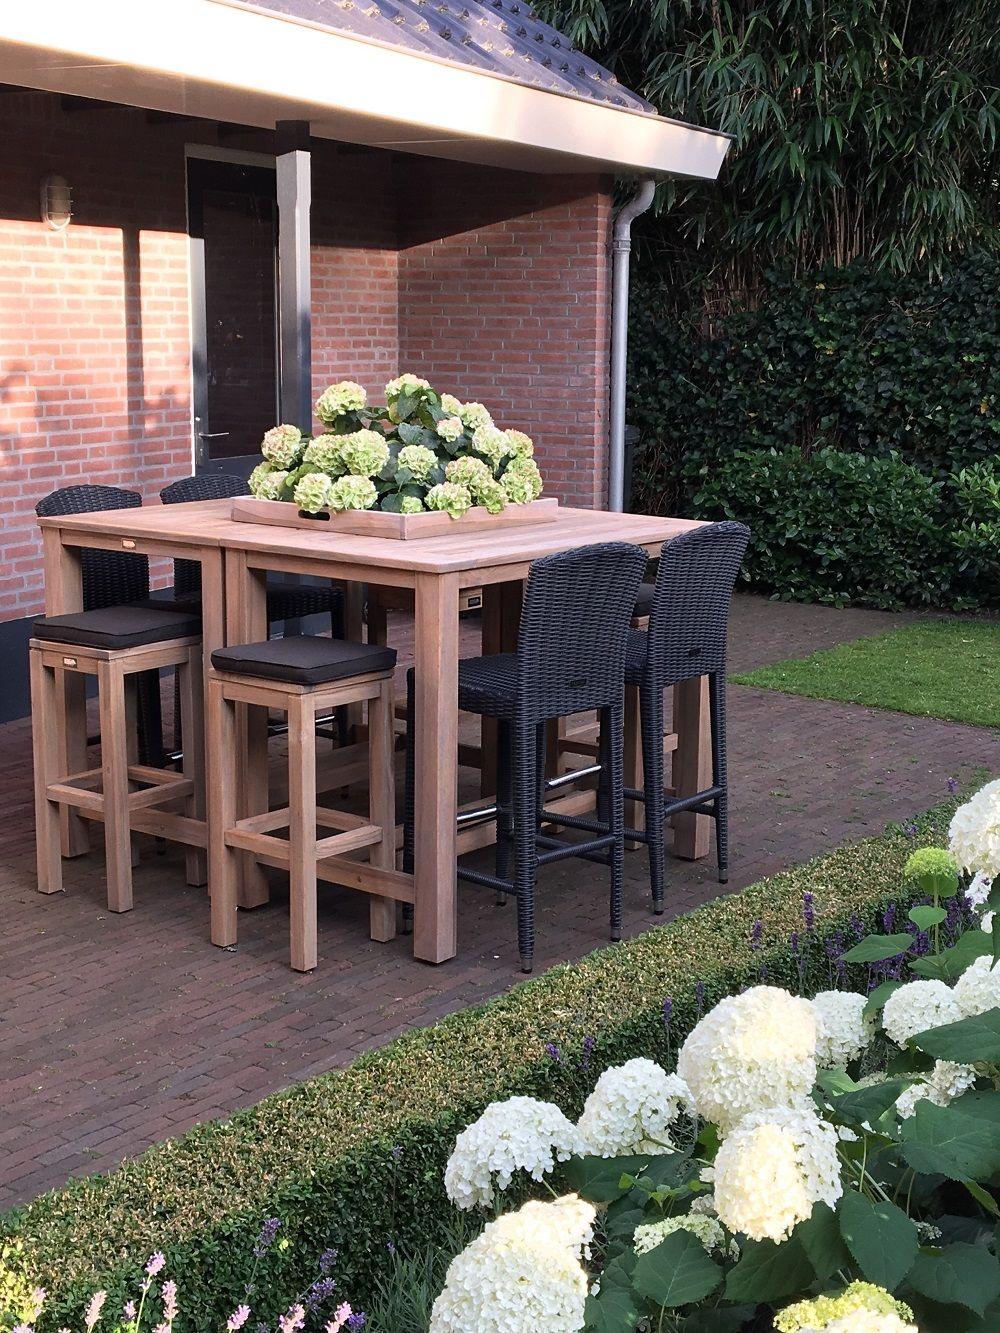 Individuell zusammengestelltes Gartenbar Set aus Polyrattan und